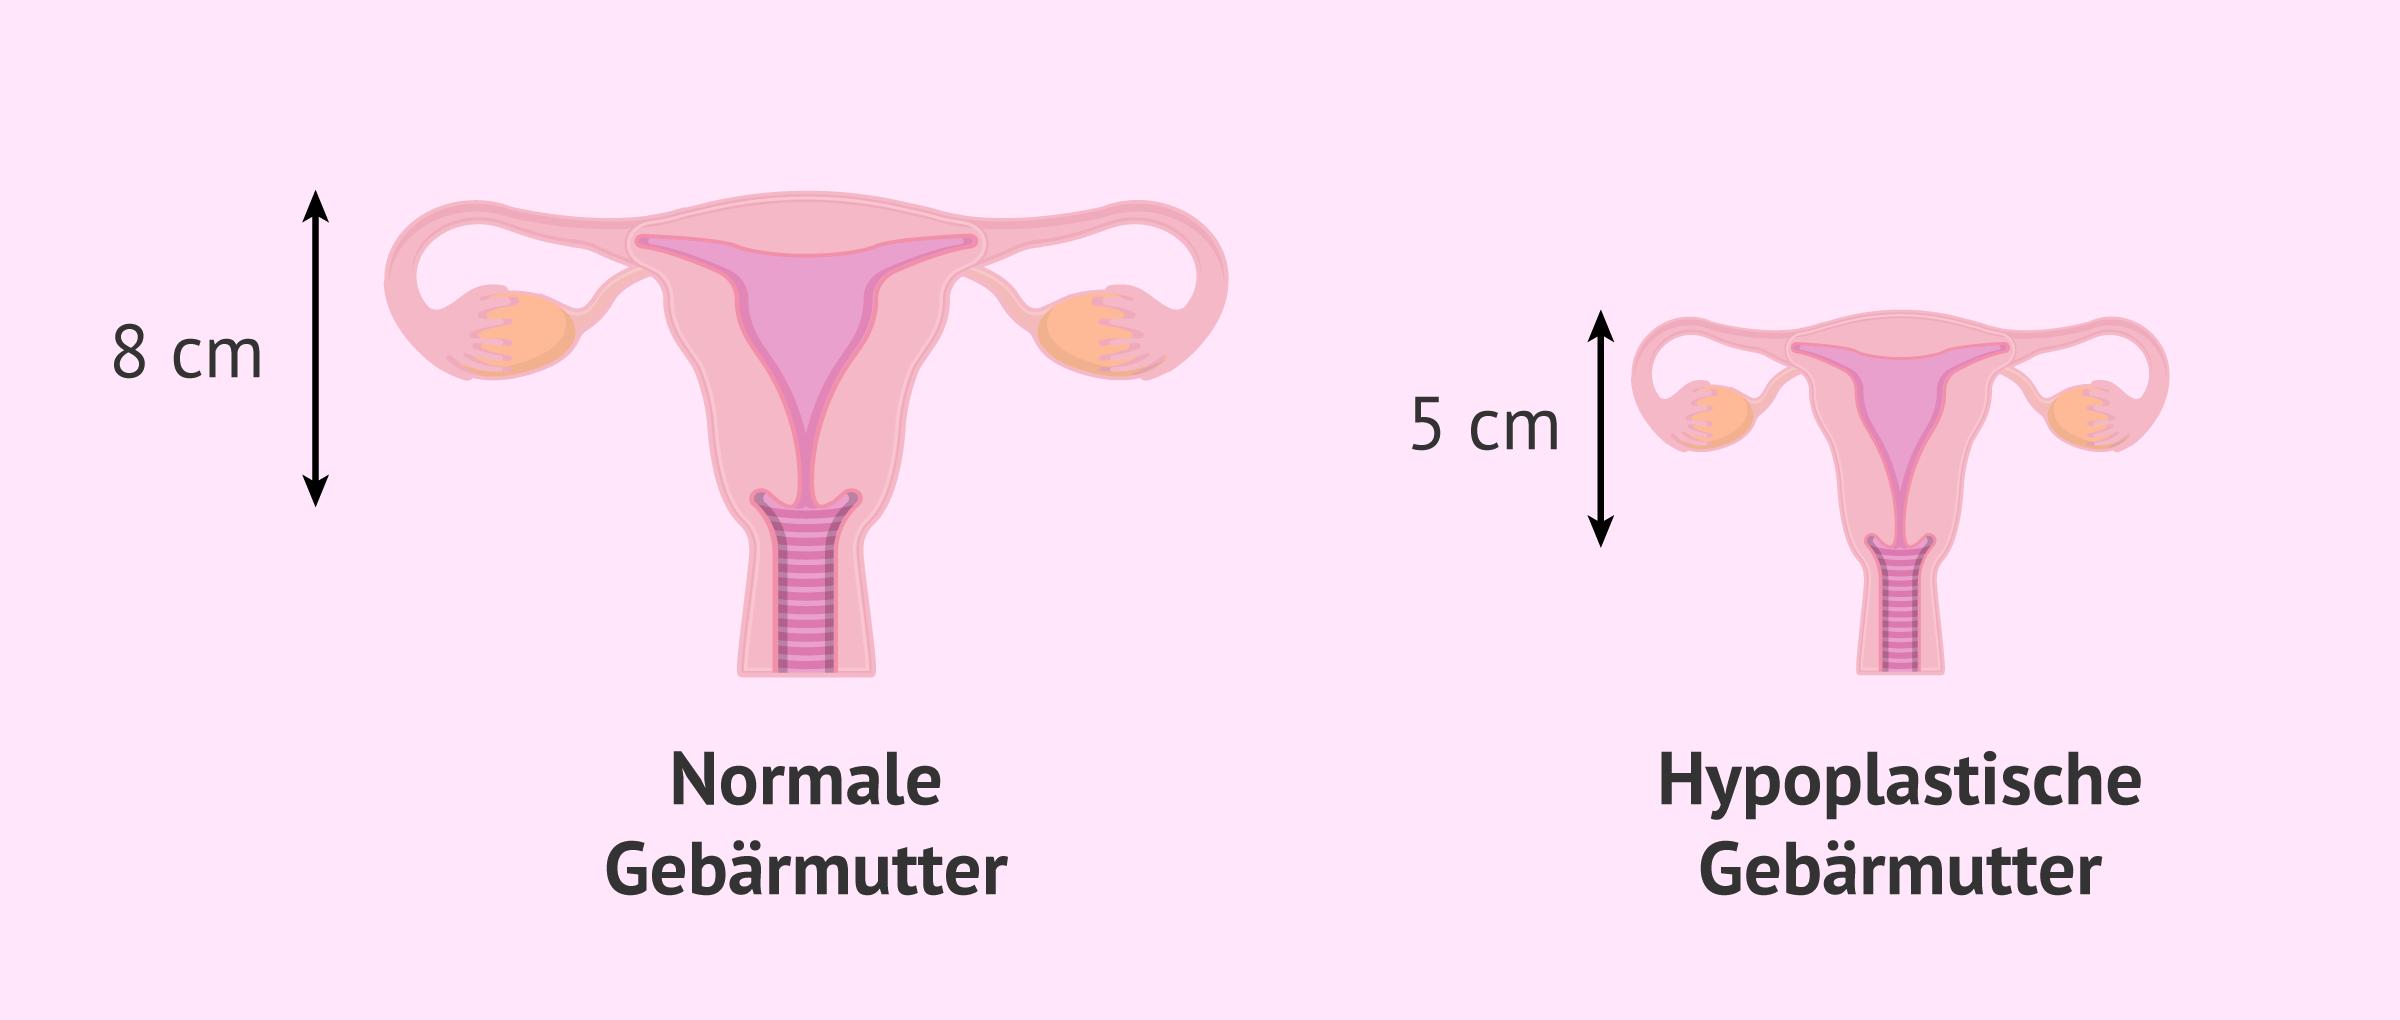 Hyperplastische Gebärmutter